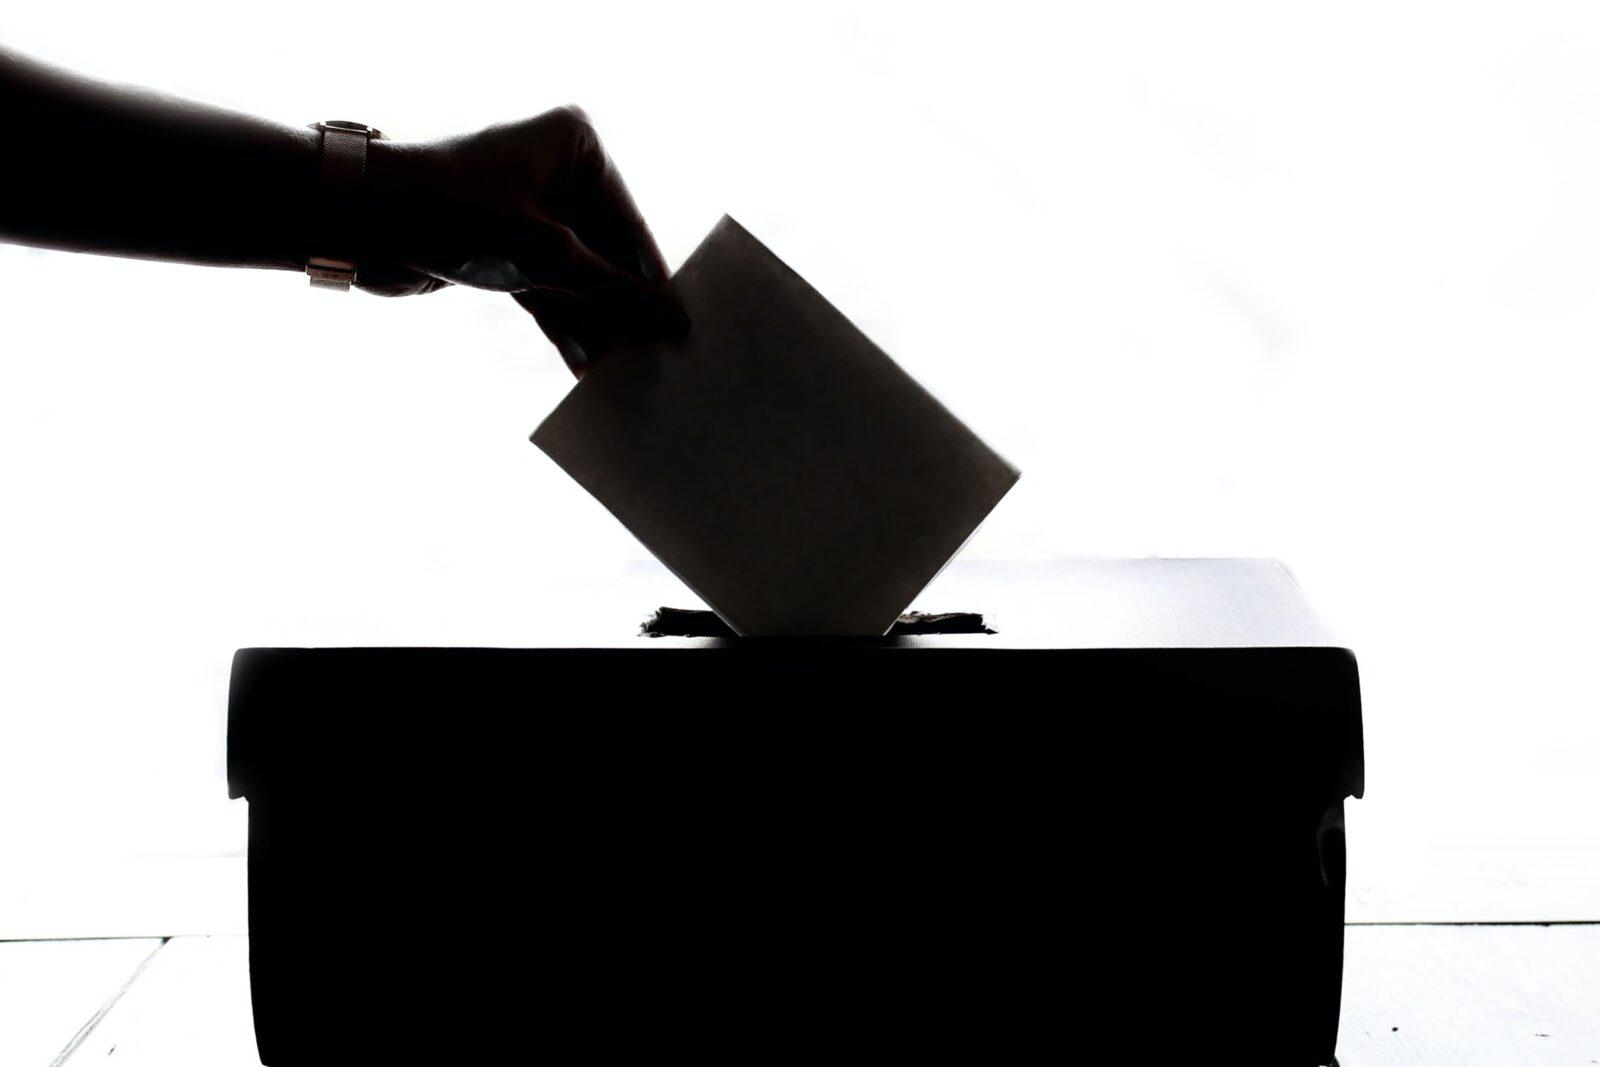 Abruzzo oggi 20 09 2020 elezioni comunali